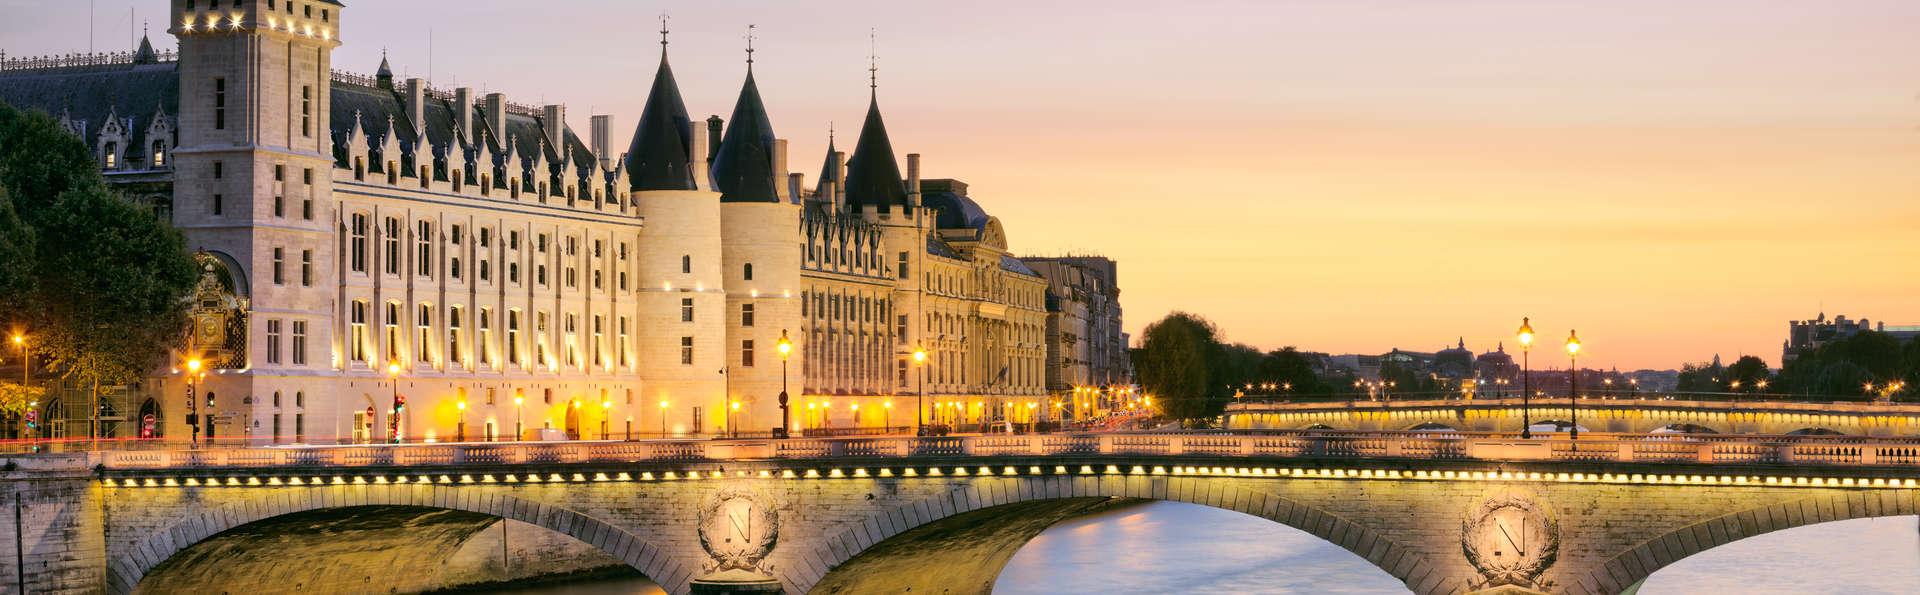 Week-end détente et découverte avec croisière sur les bateaux mouches à Paris